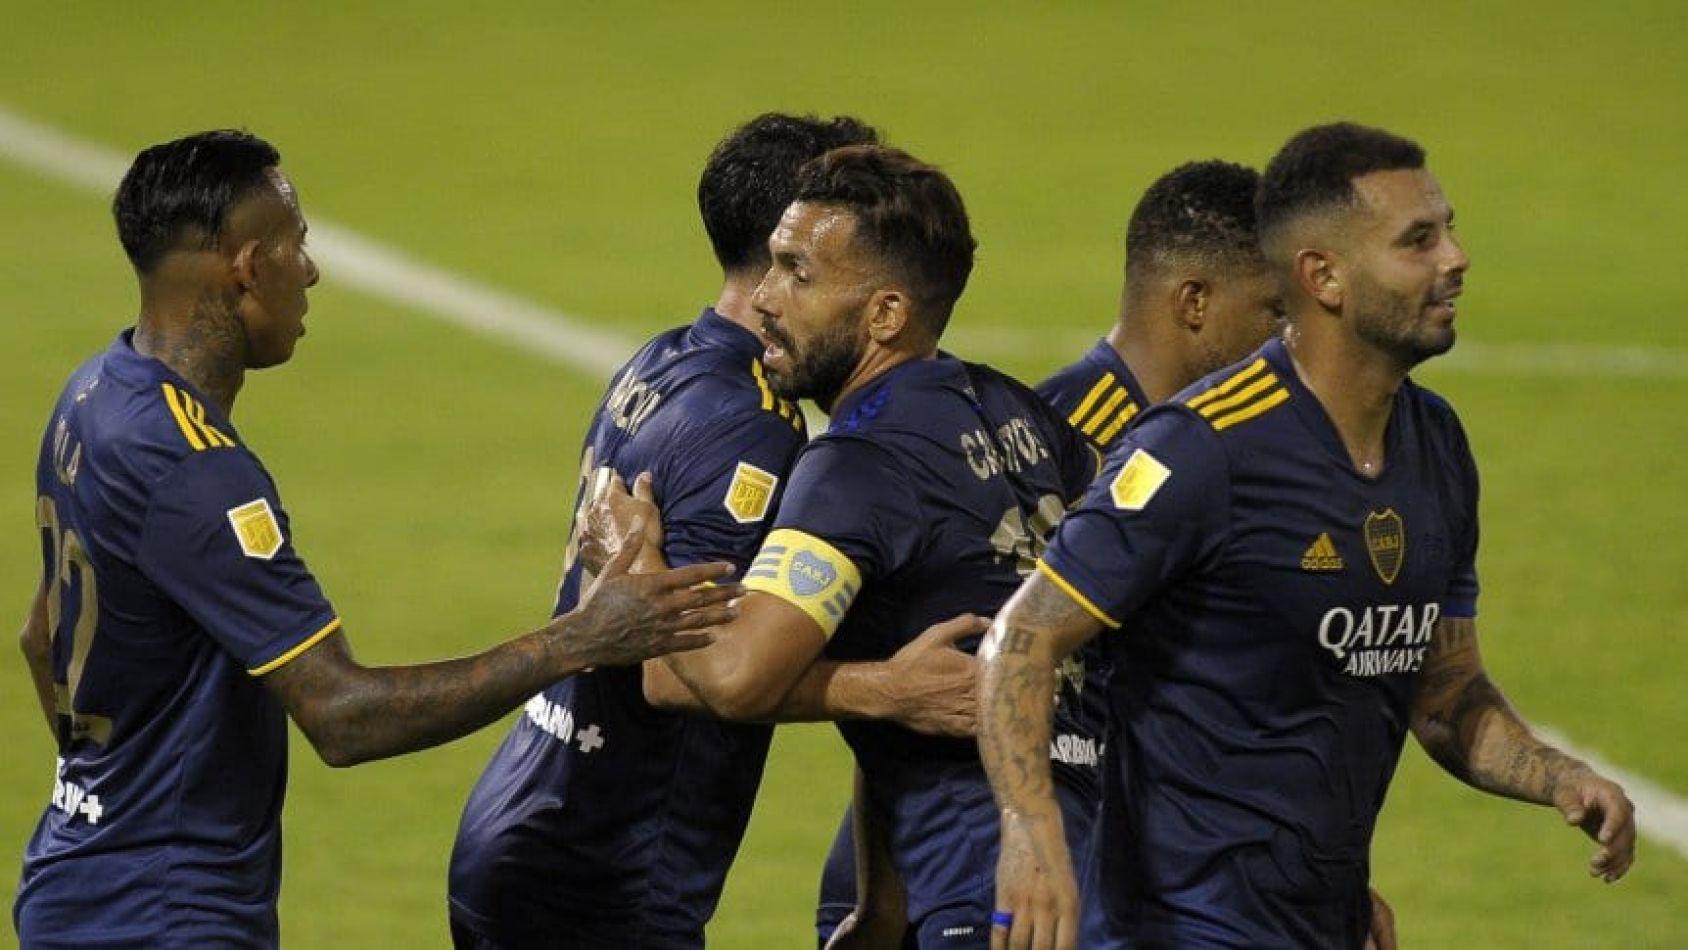 Celebración tras el gol de Tévez.